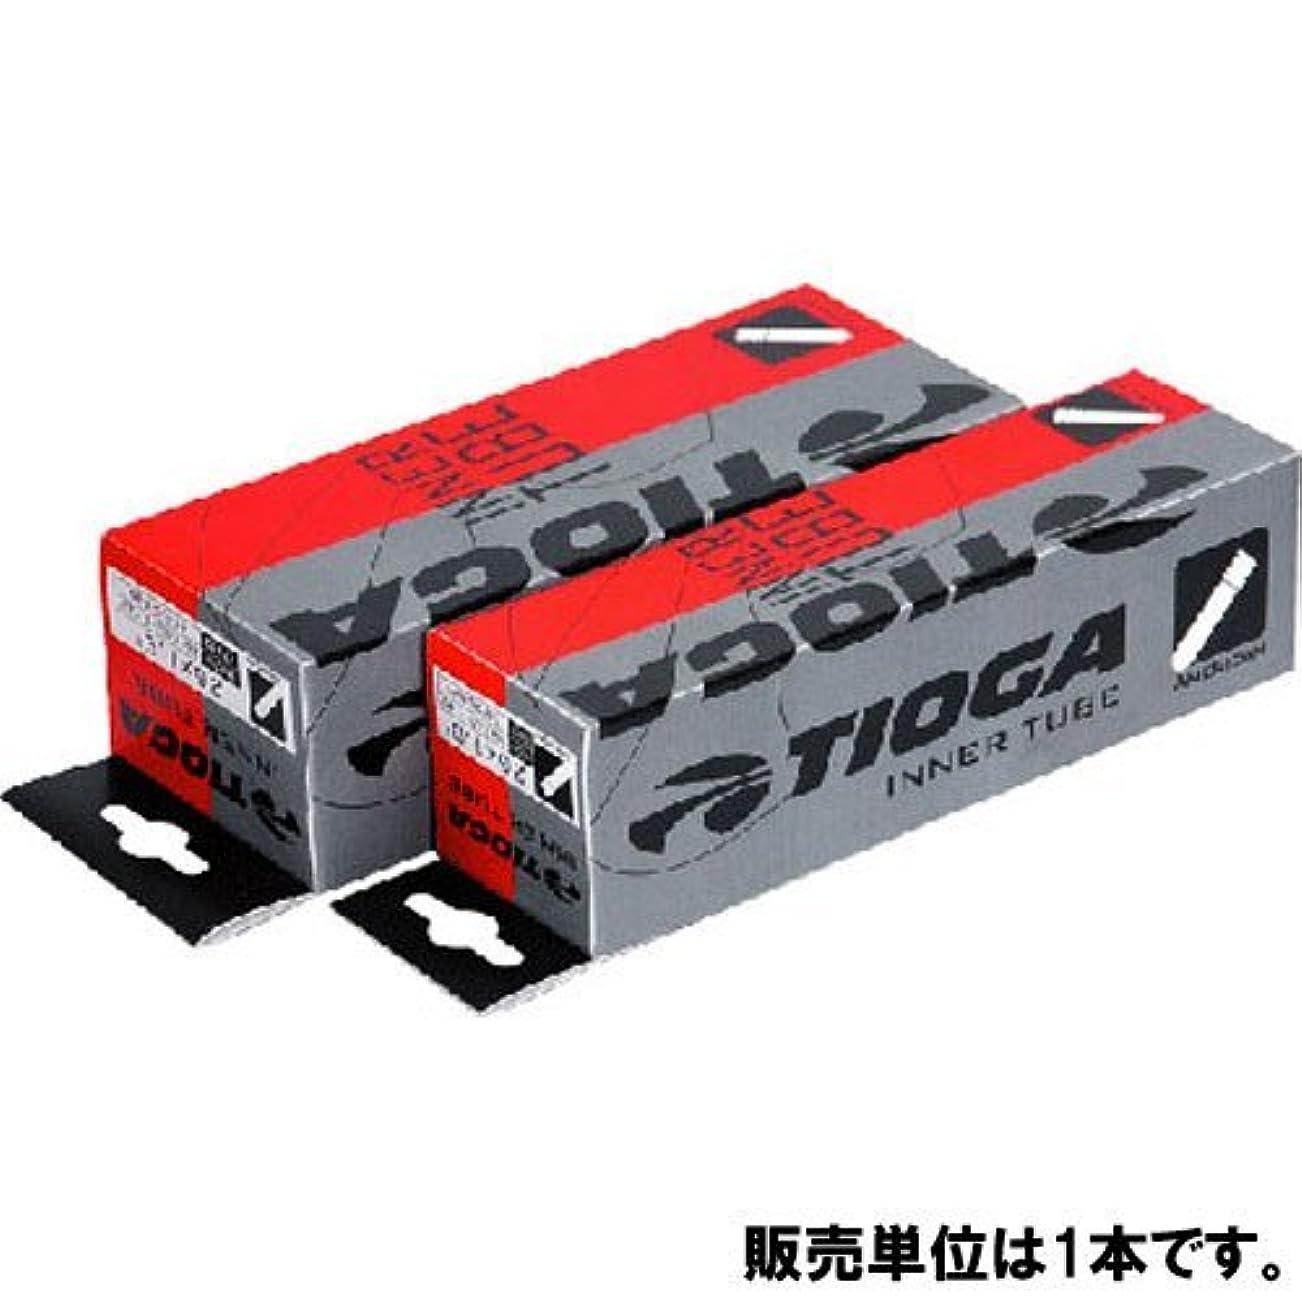 過度の促すのヒープTIOGA(タイオガ) インナー チューブ (米式) バルブ長:36mm 27.5